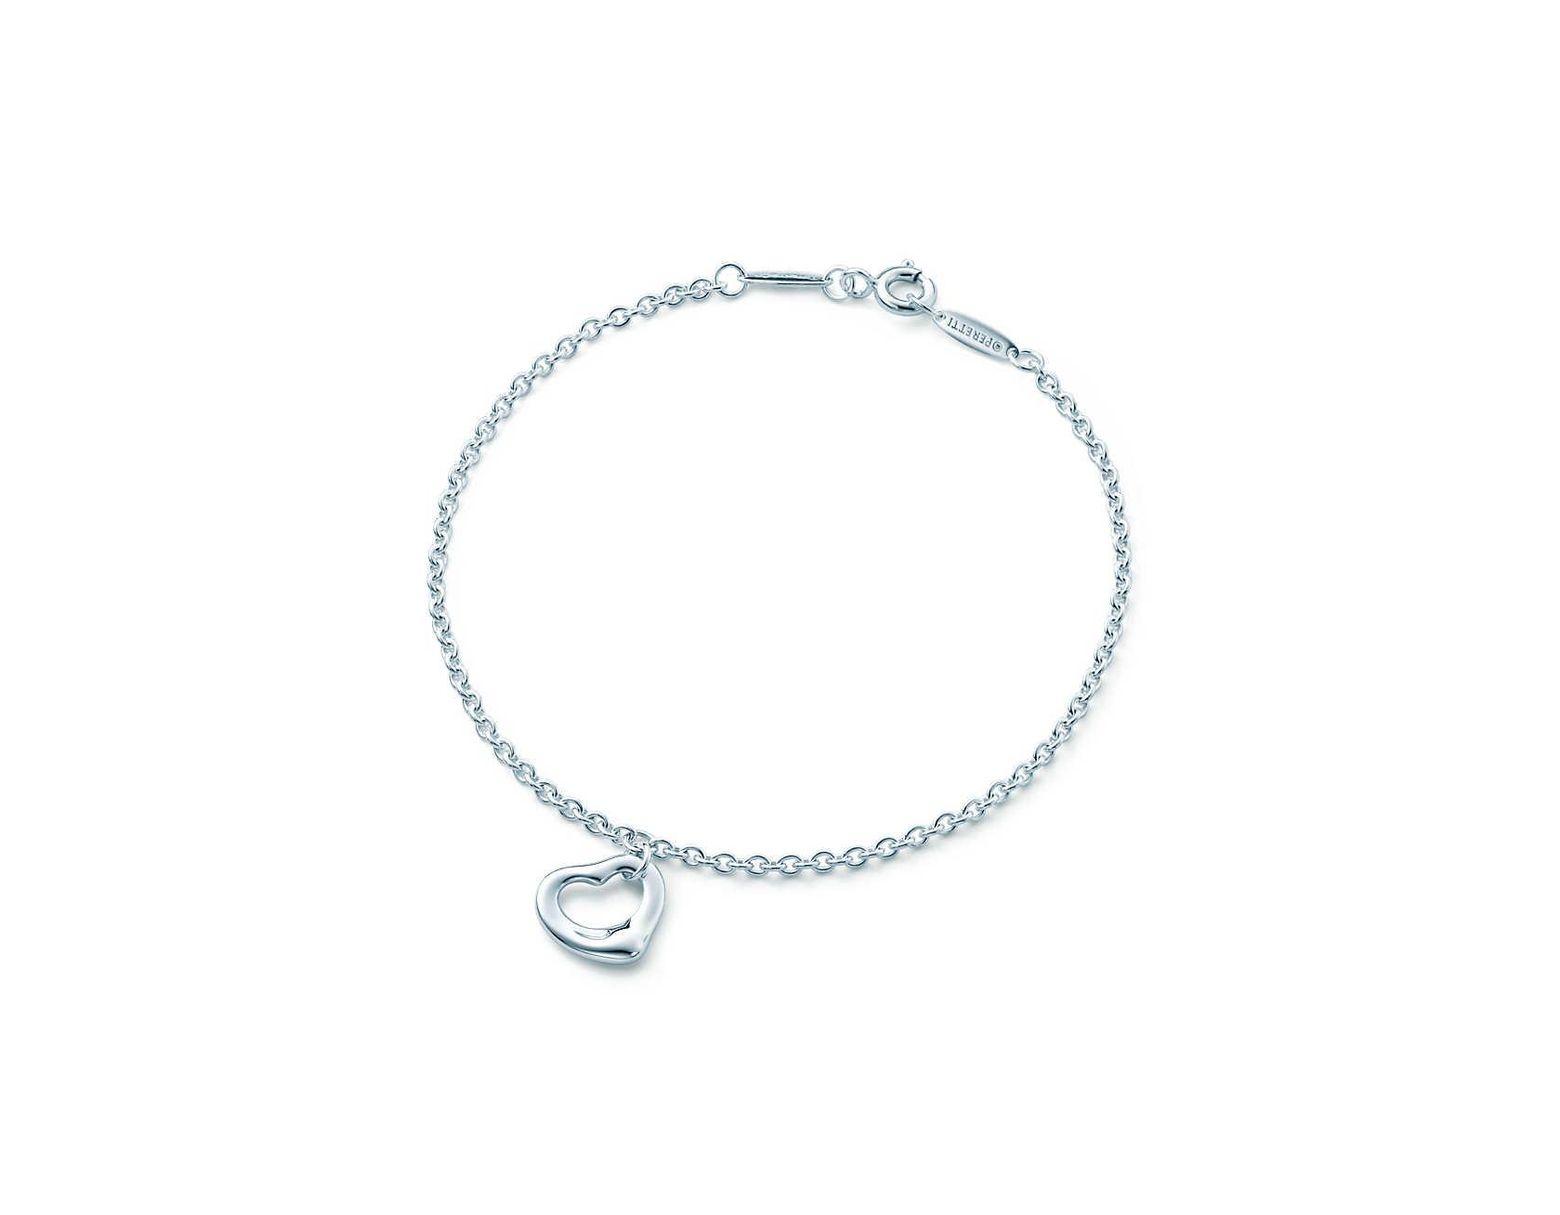 cafb373c8 Tiffany & Co. Elsa Peretti® Open Heart Bracelet In Sterling Silver, One  Size in Metallic - Lyst